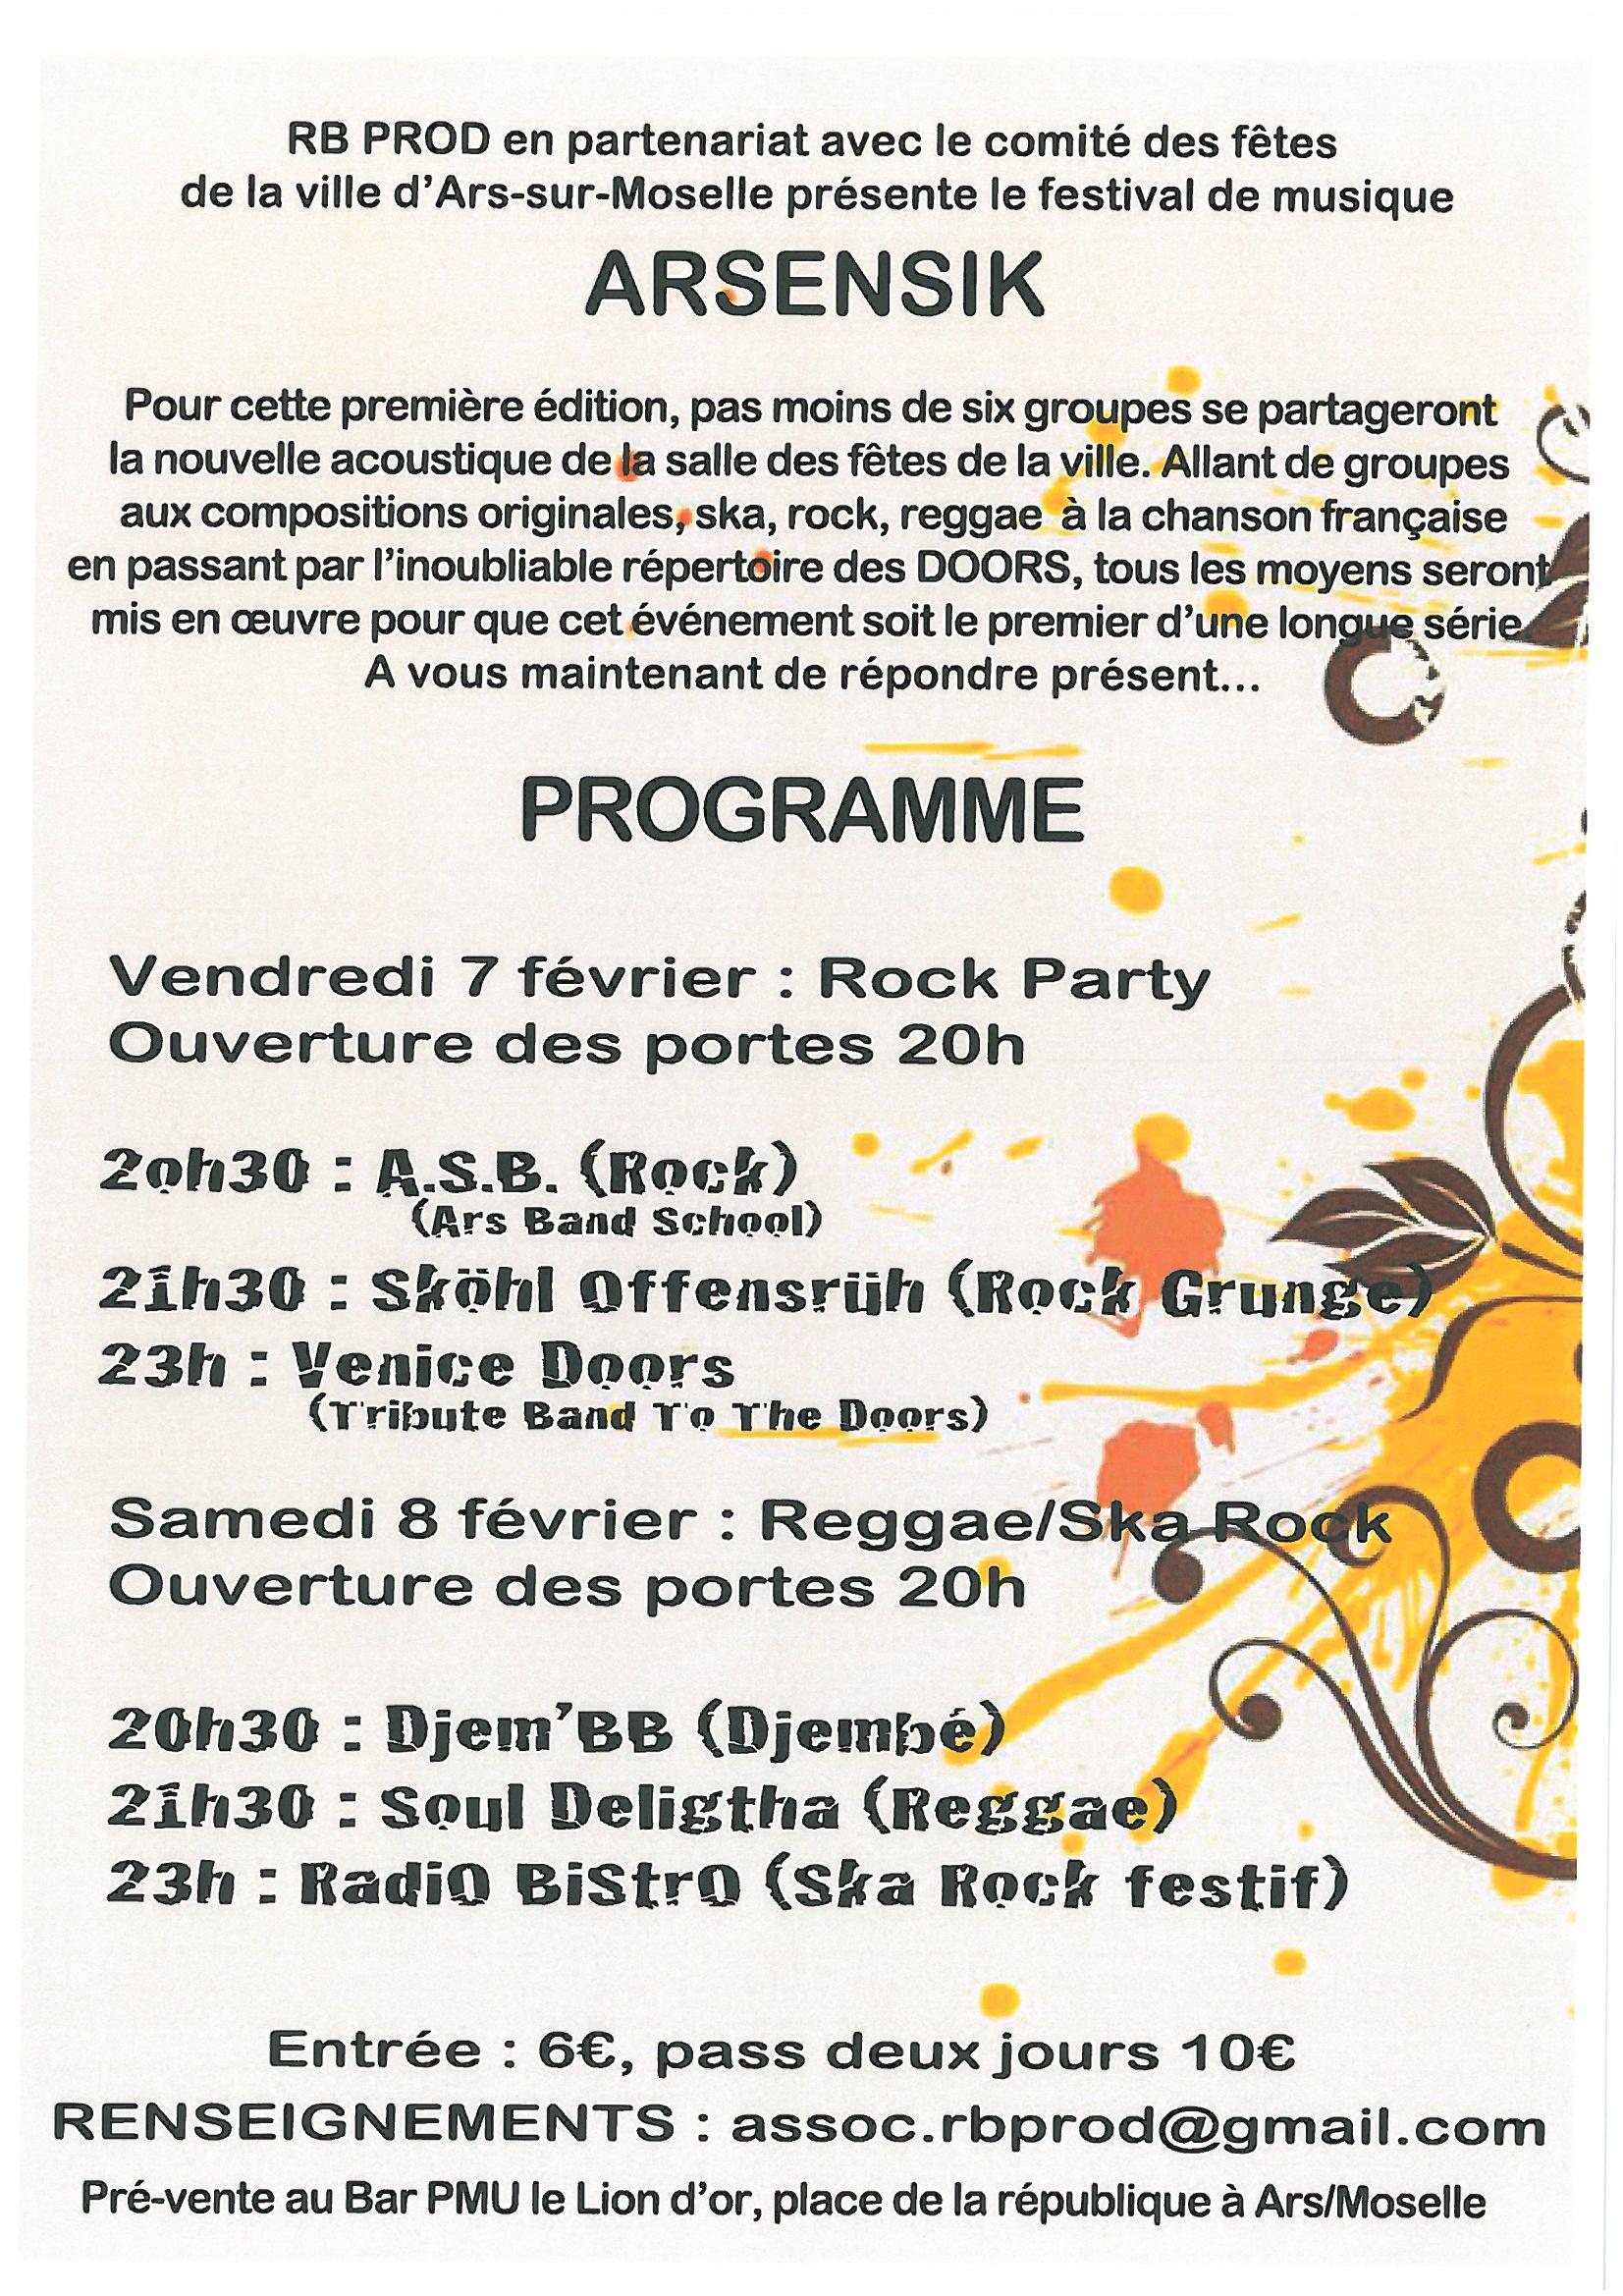 FESTIVAL DE MUSIQUE vendredi 7 et samedi 8 février